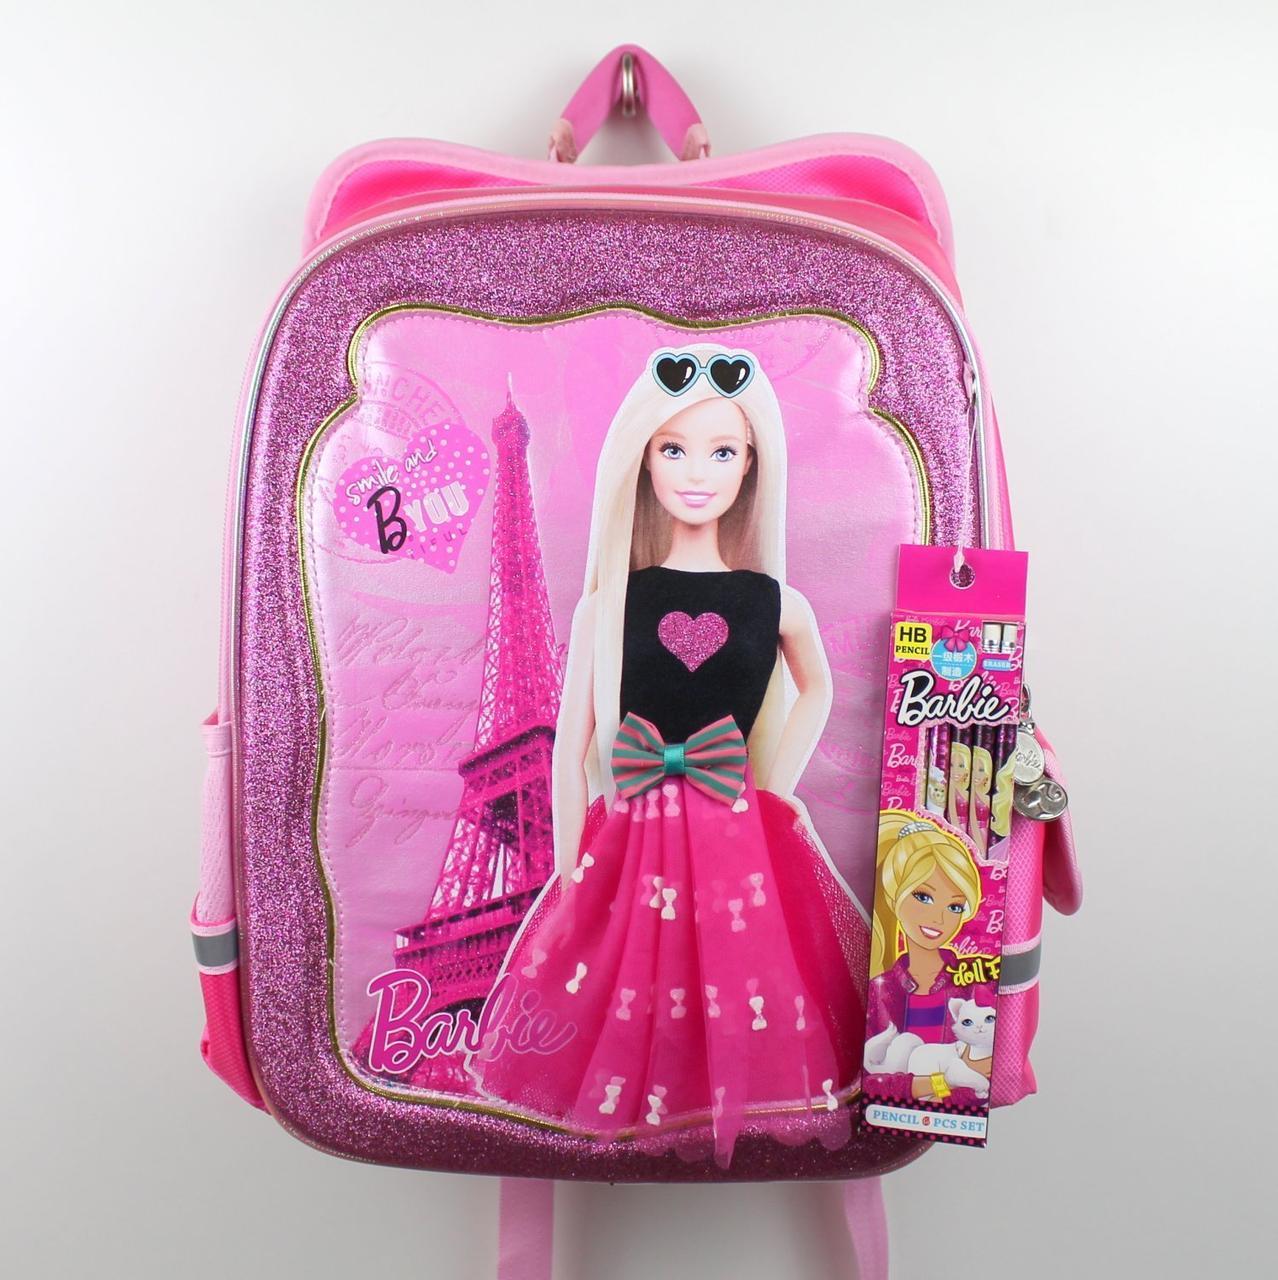 555-498 Рюкзак школьный каркасный Барби для девочки 35х20x40см